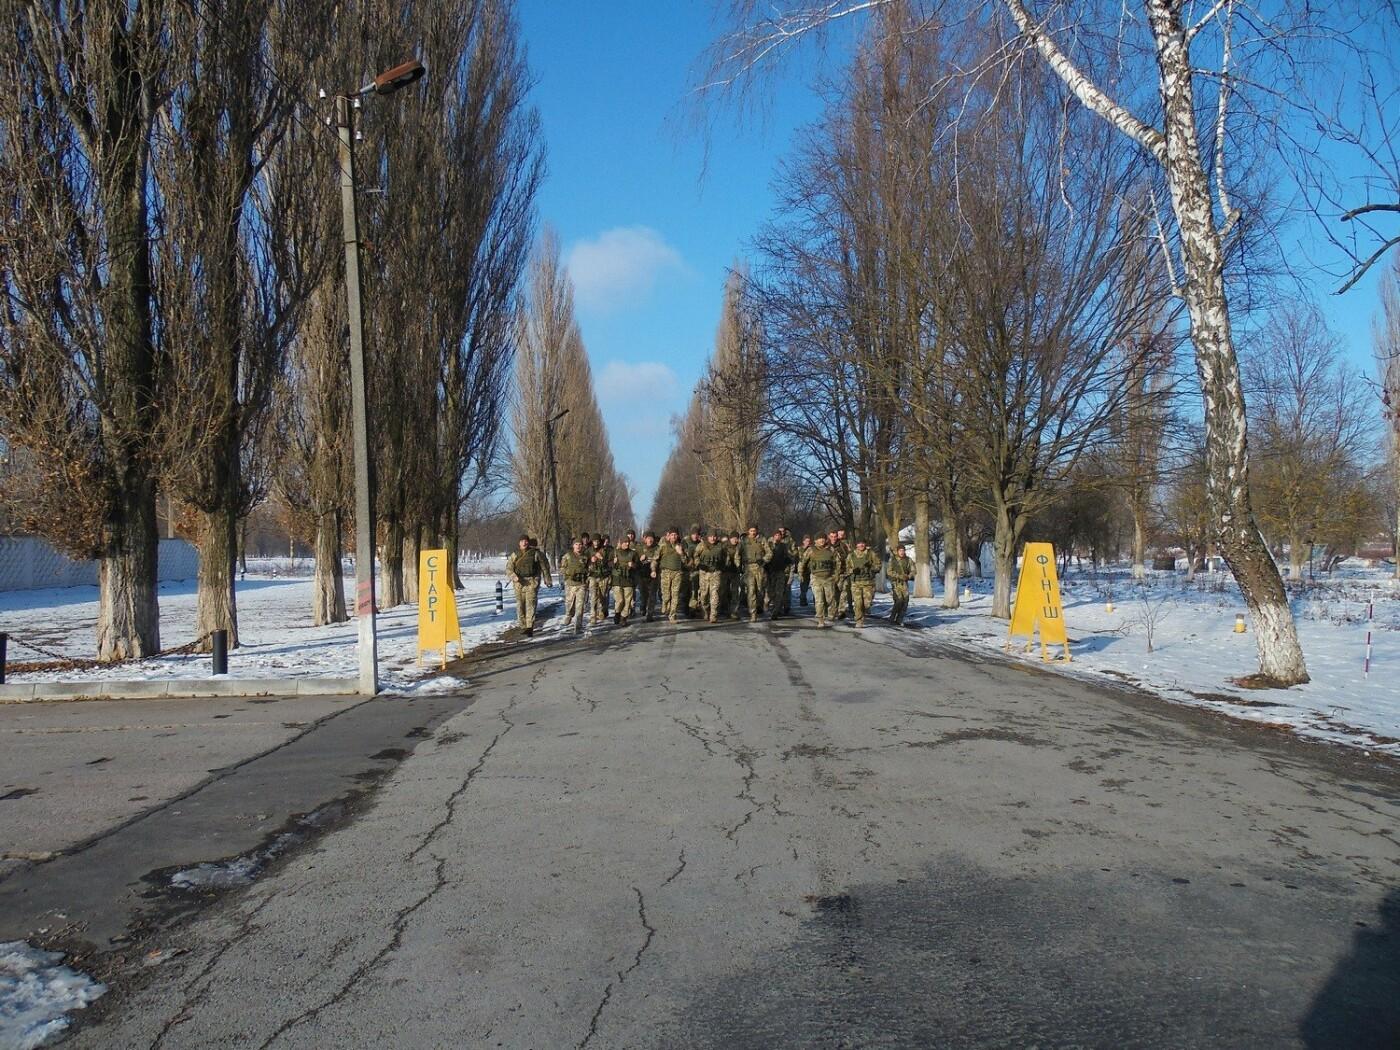 5-кілометровий марш-кидок зі штатною зброєю з нагоди 27-річниці Збройних Сил України, фото-6